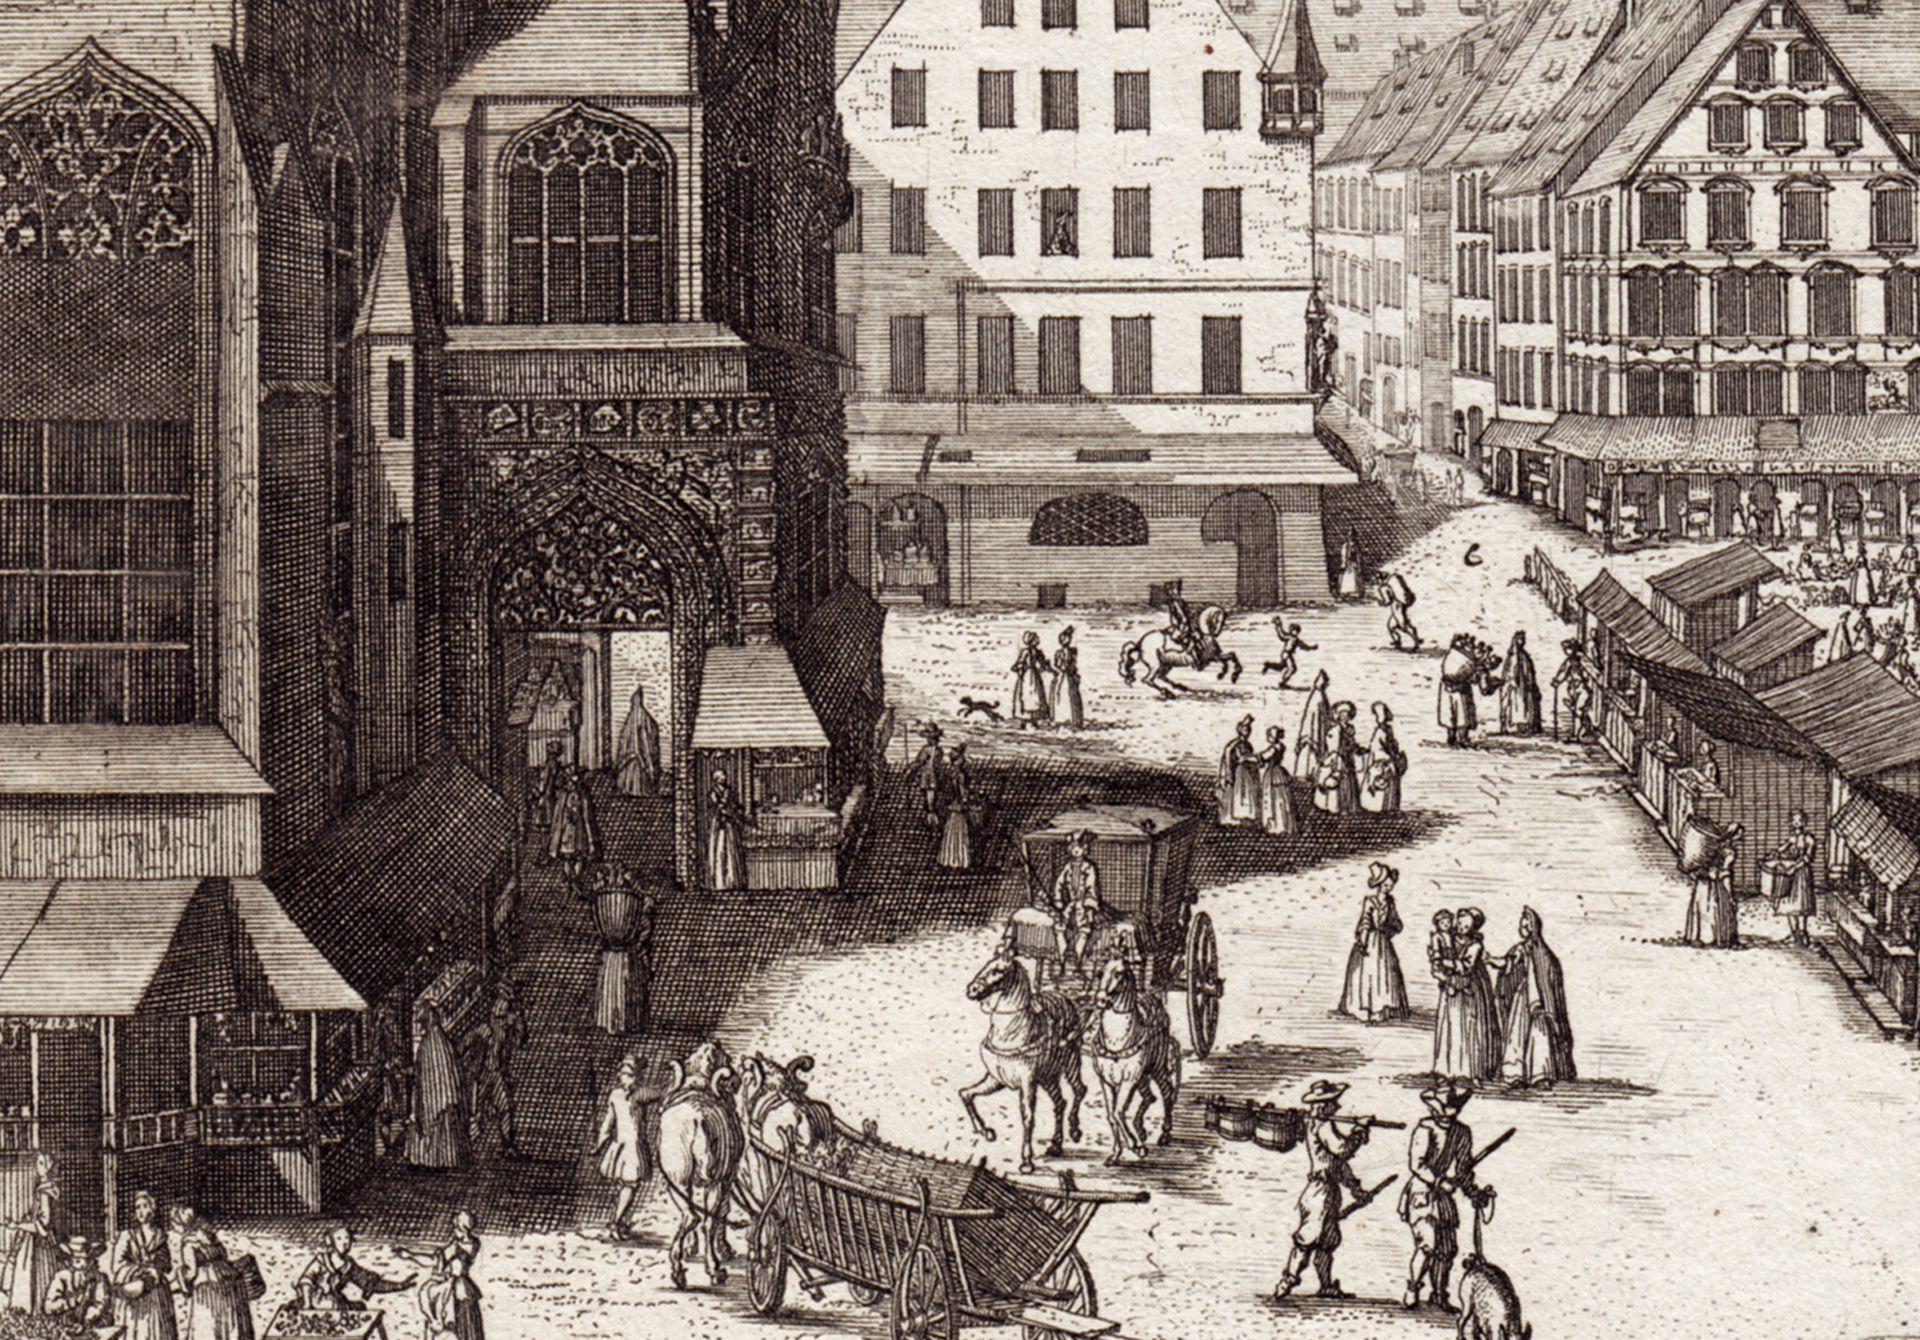 Der Grosse Markt zu Nürnberg Detailansicht vor der Frauenkirche